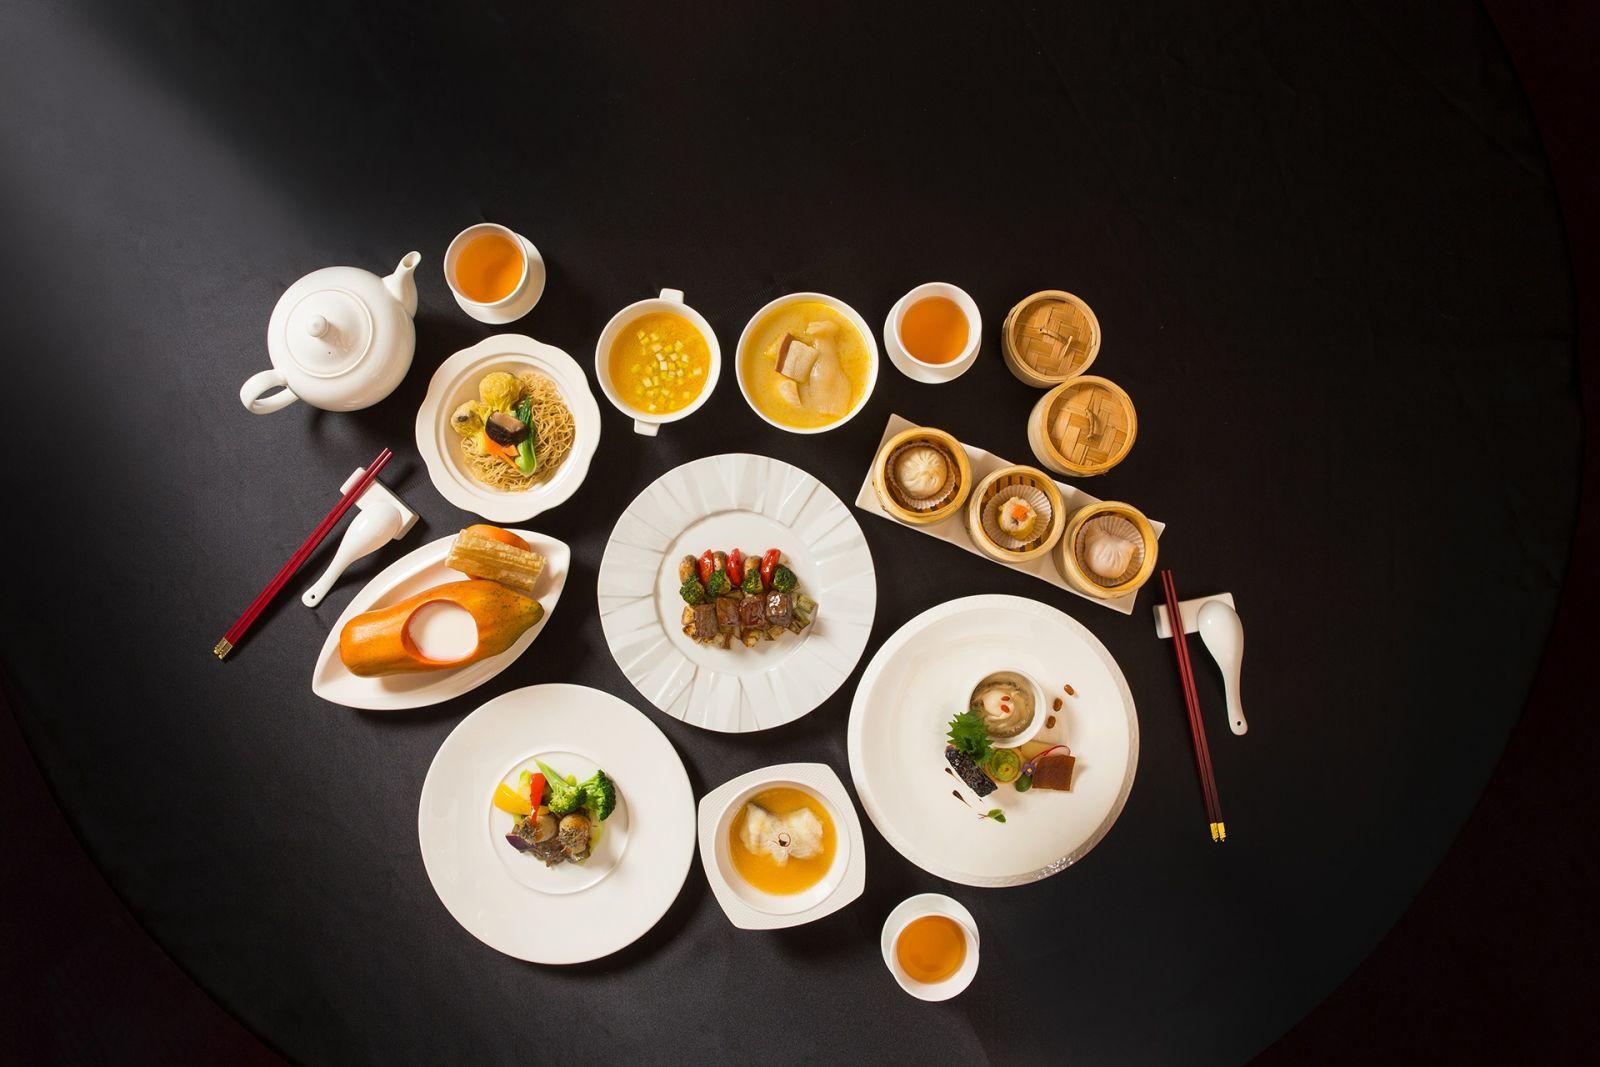 『米其林推薦 - 國賓粵菜廳饗宴 』一泊二食 住房專案